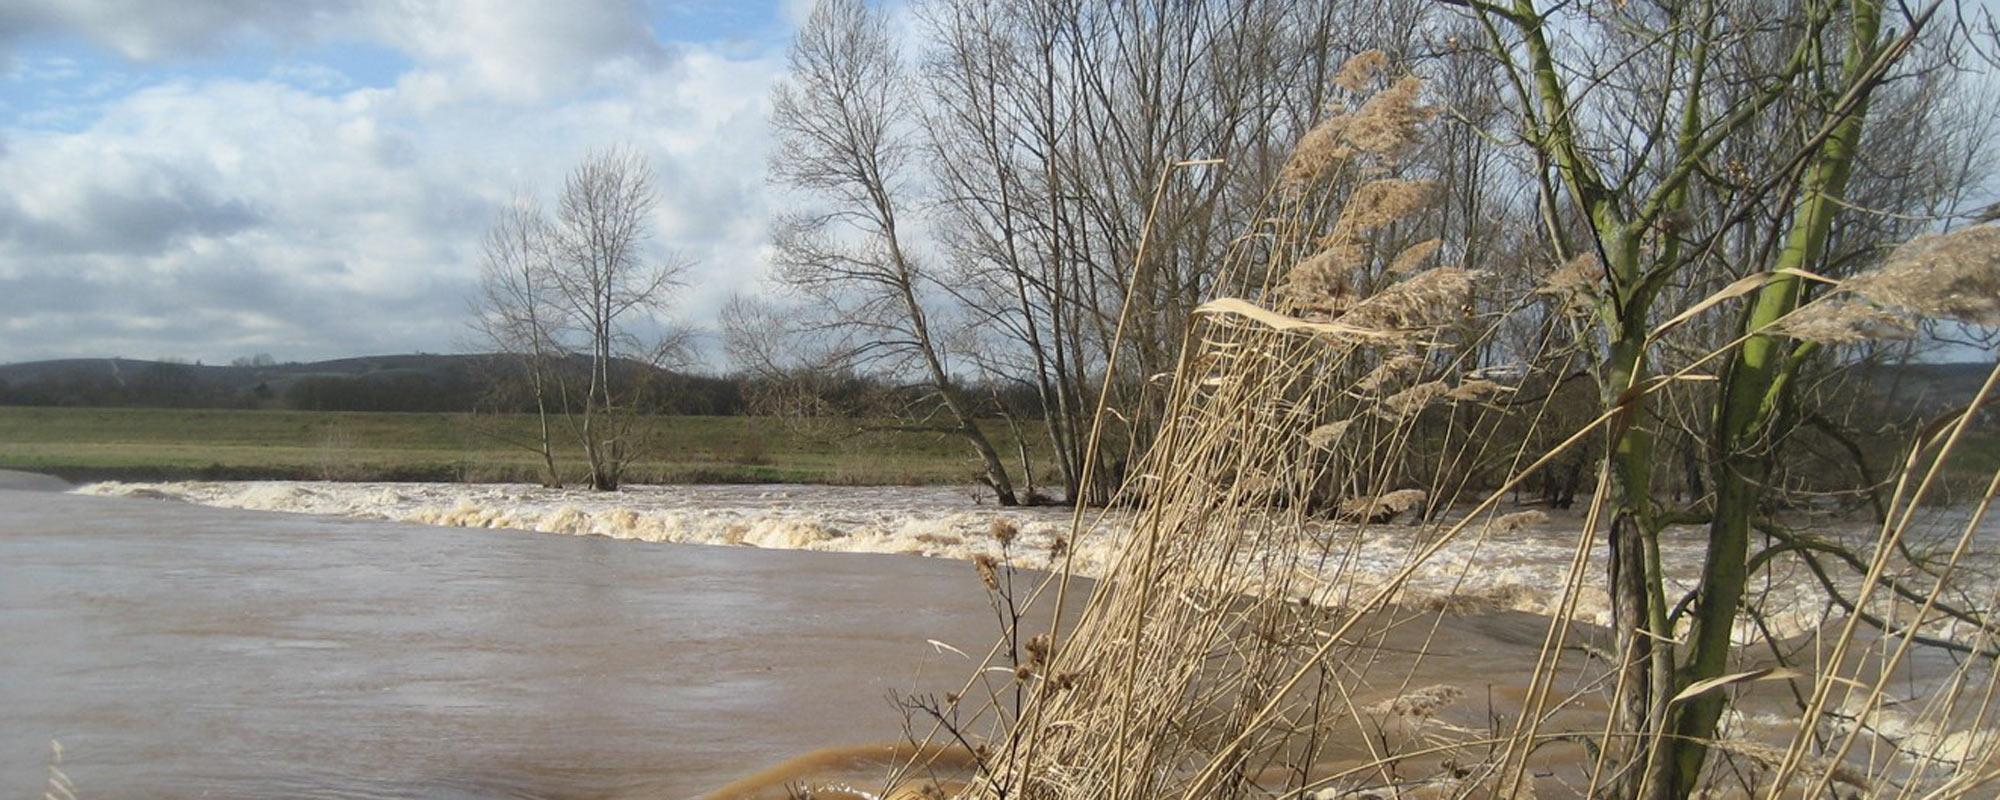 Hochwasserschutz_Nahe_SLIDE_1